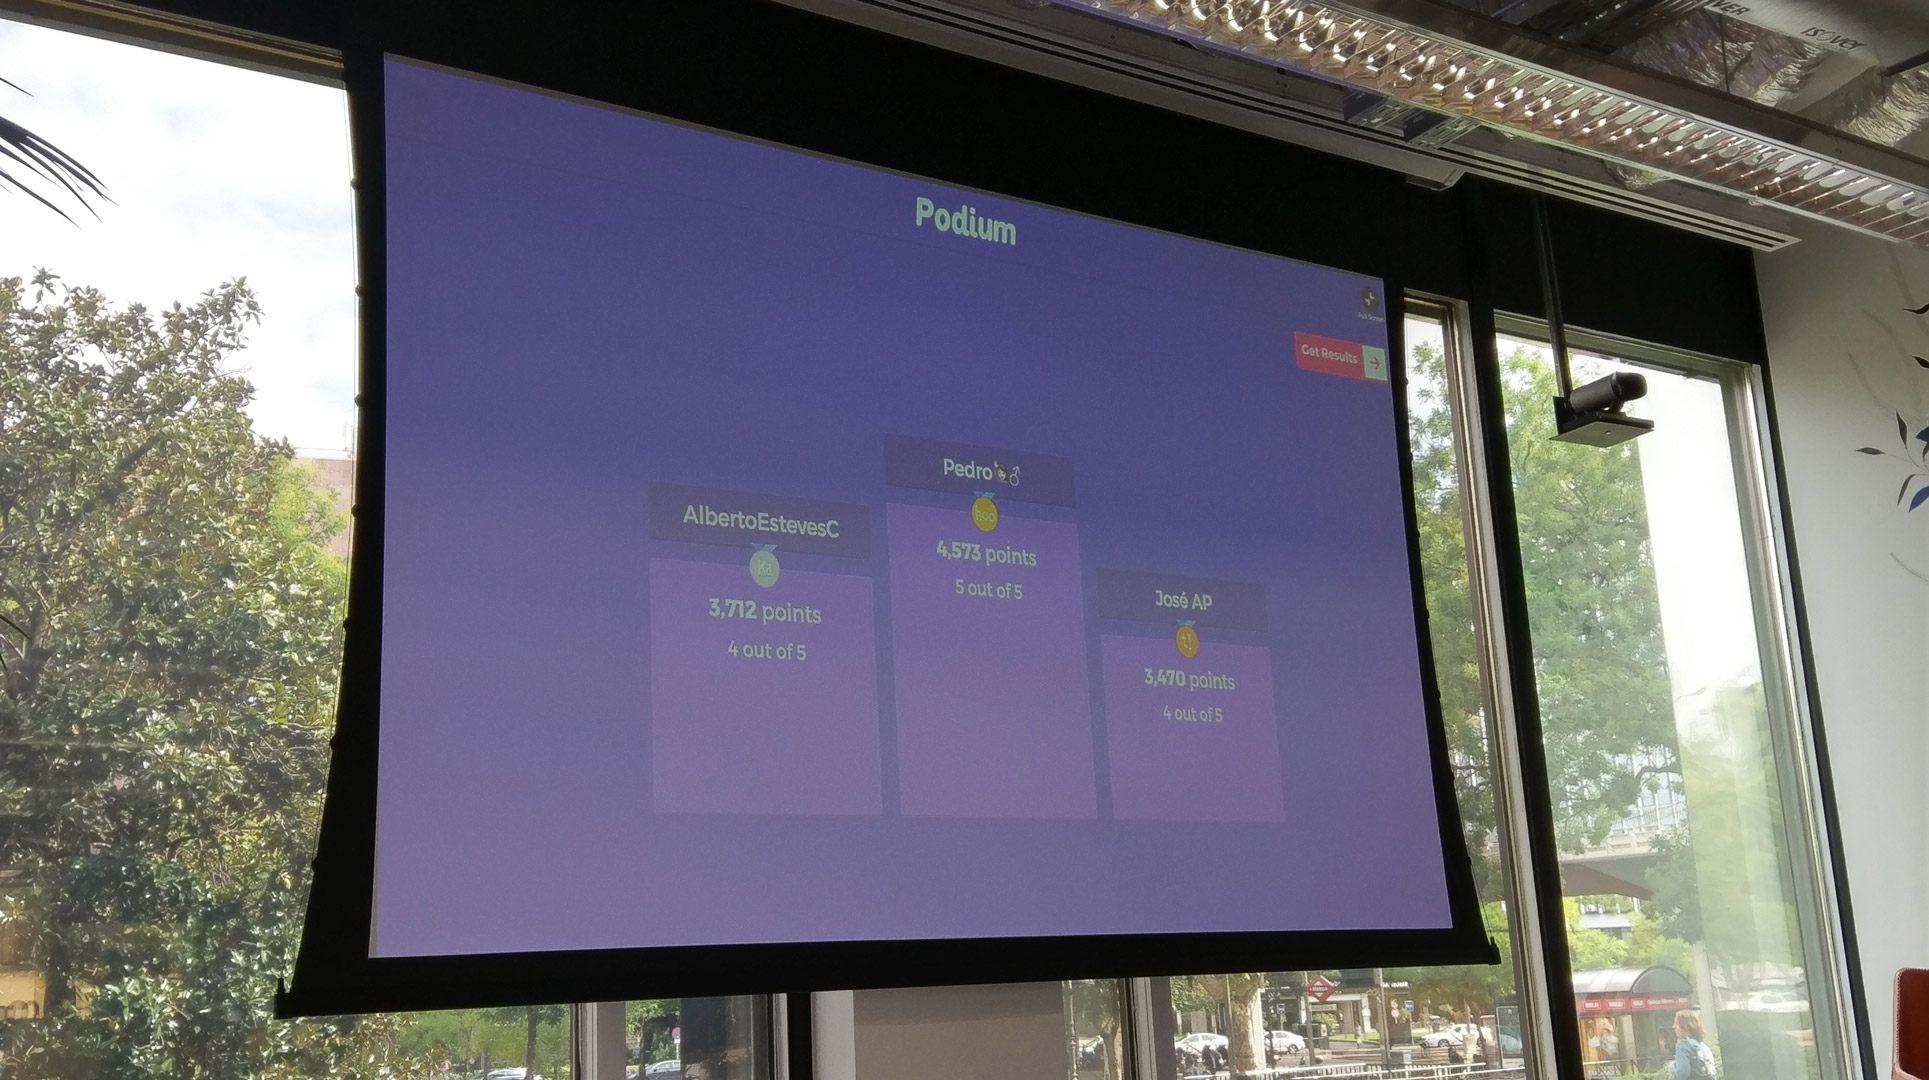 Fotografía del podium del test en el Facebook Blueprint Live